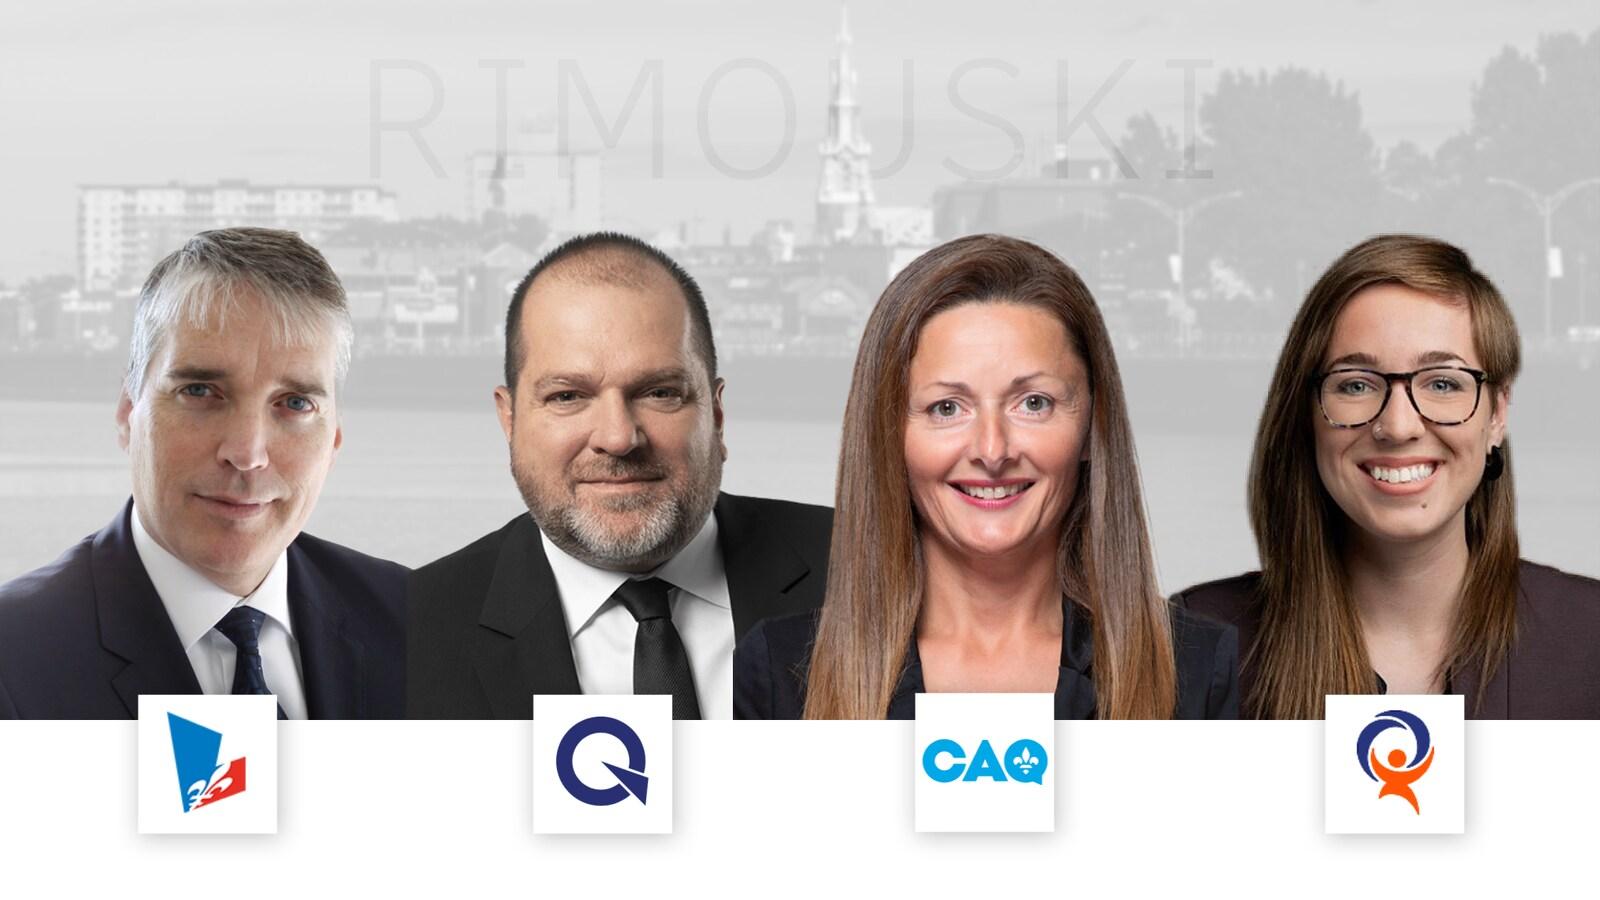 Montage photo avec les visages des candidats et les logos des partis politiques sous les visages.